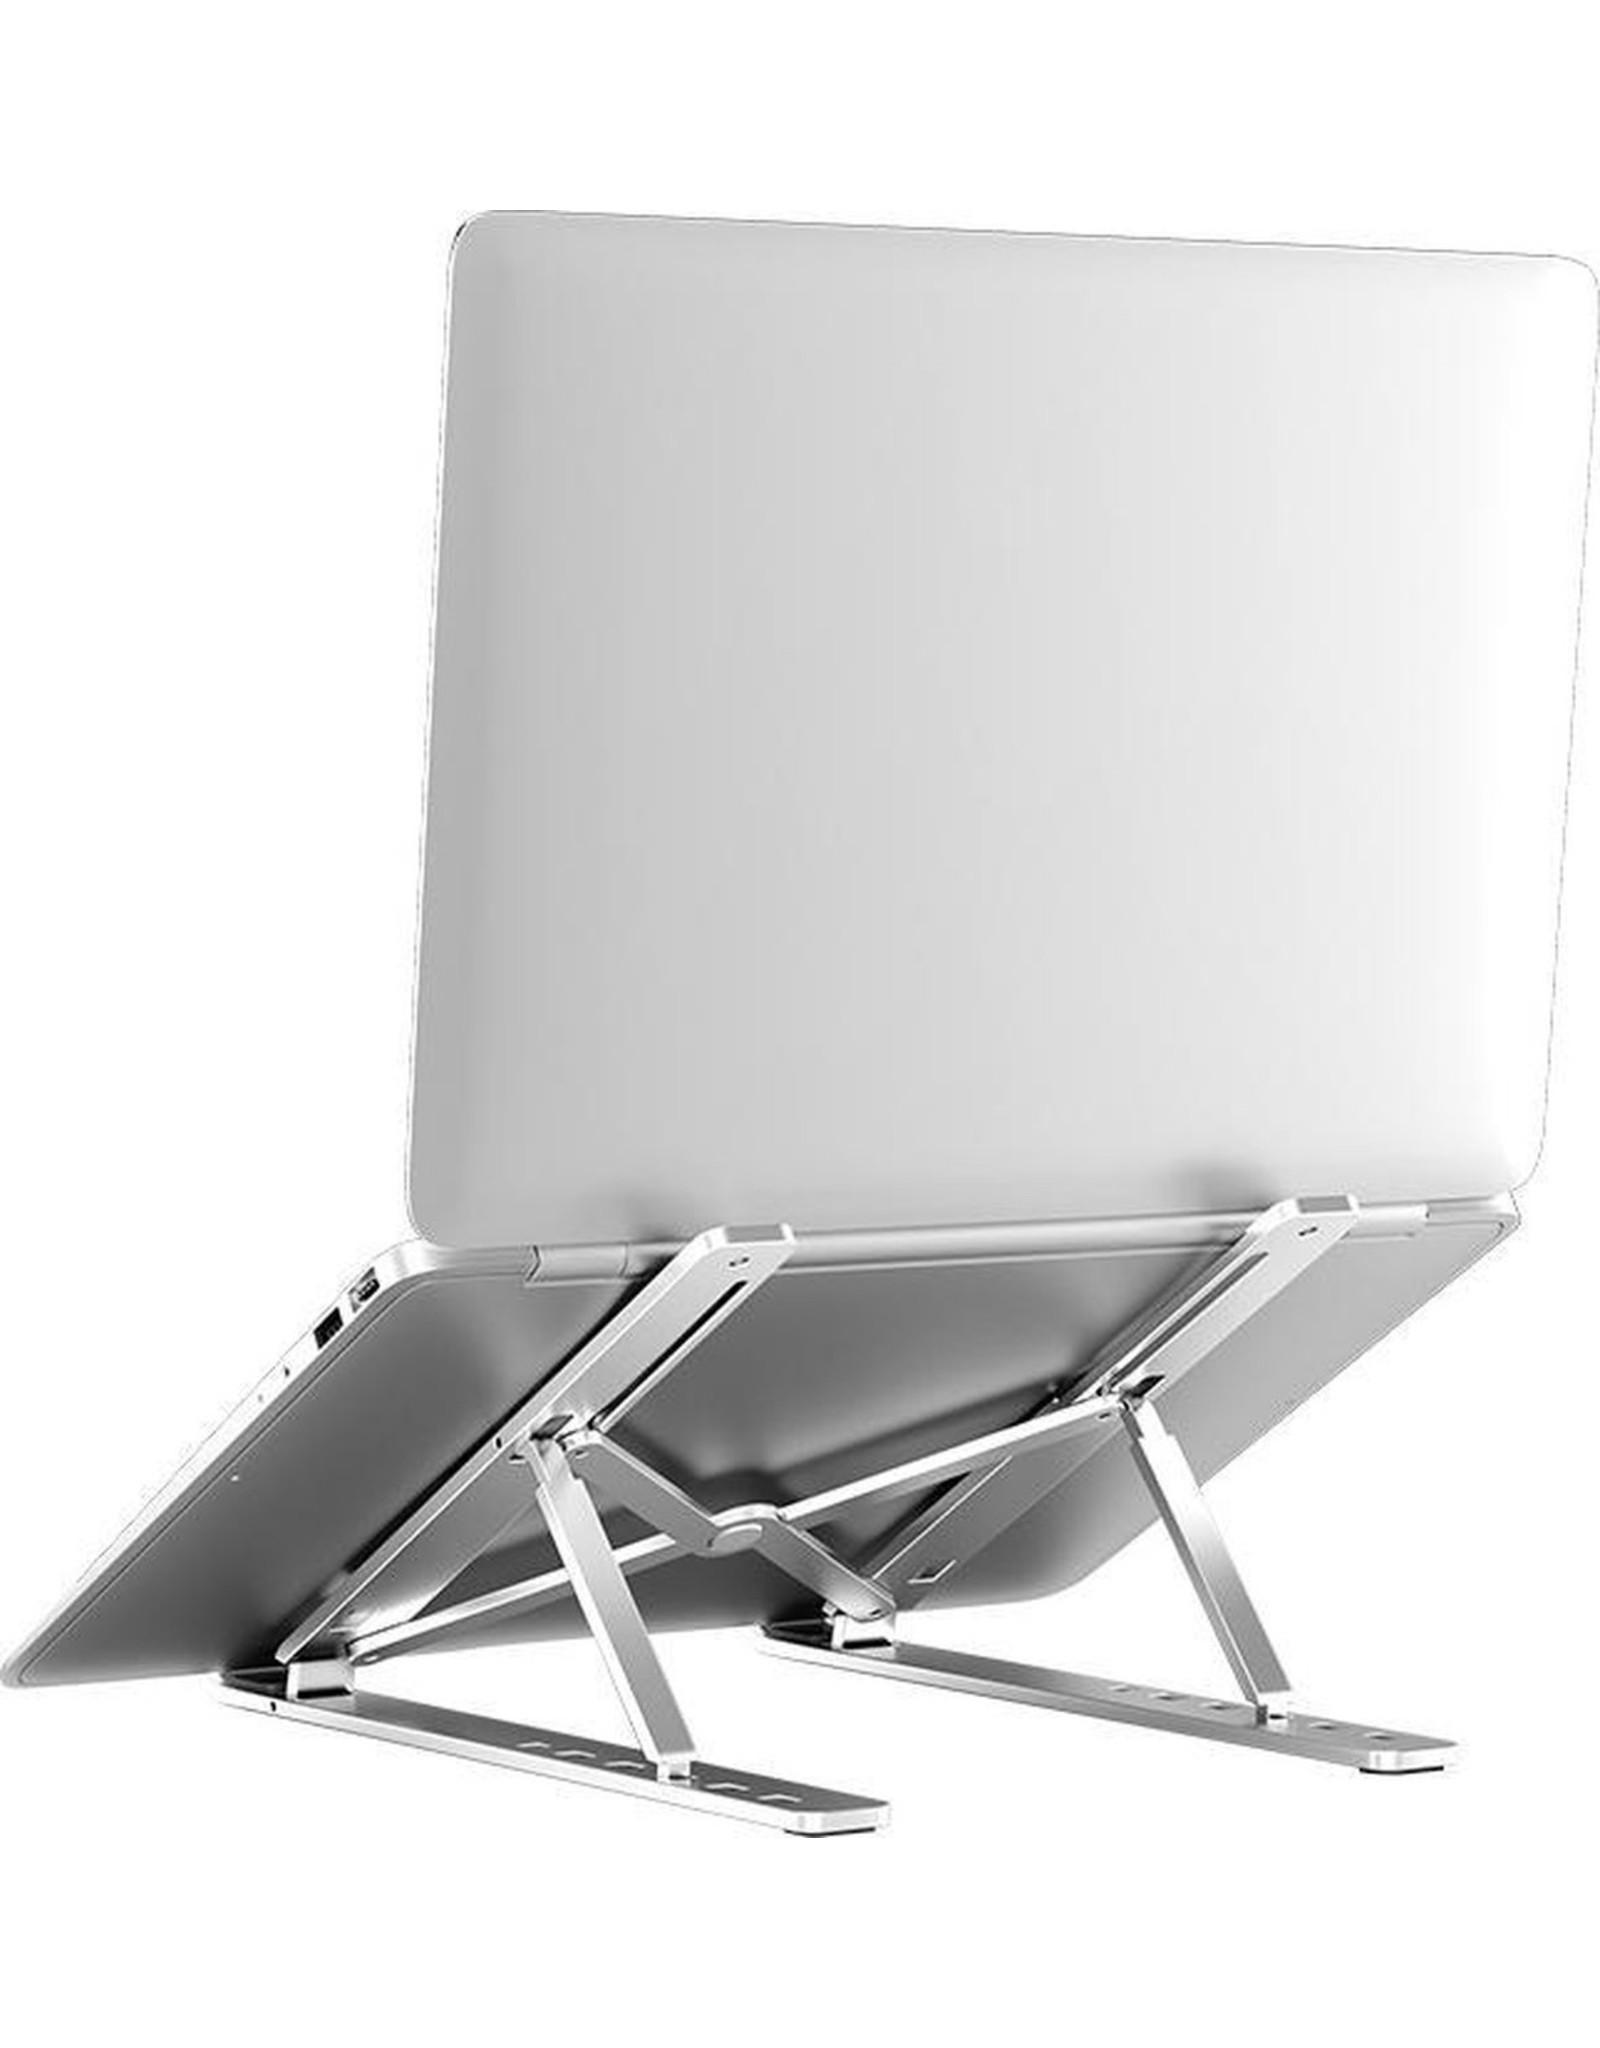 Parya Official Parya Official - Laptop Standaard - Metaal - Verstelbaar & Opvouwbaar - Zilver